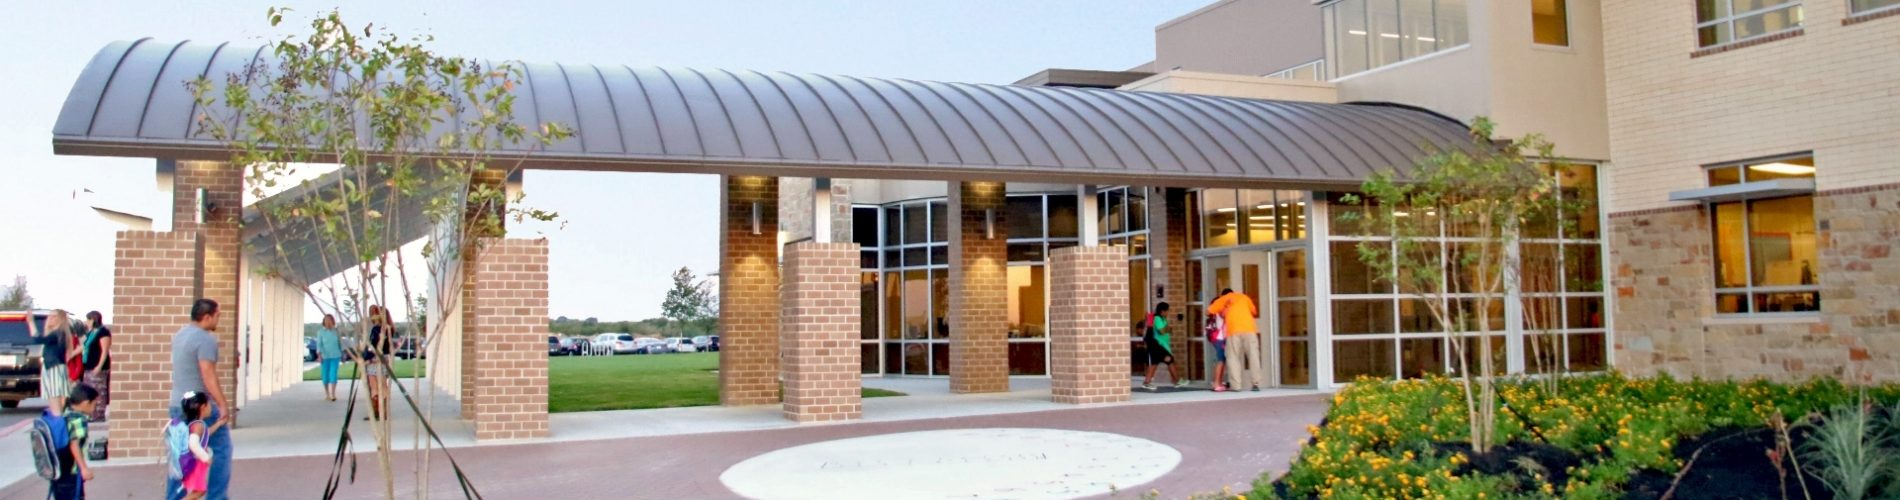 ShadowGlen Elementary School